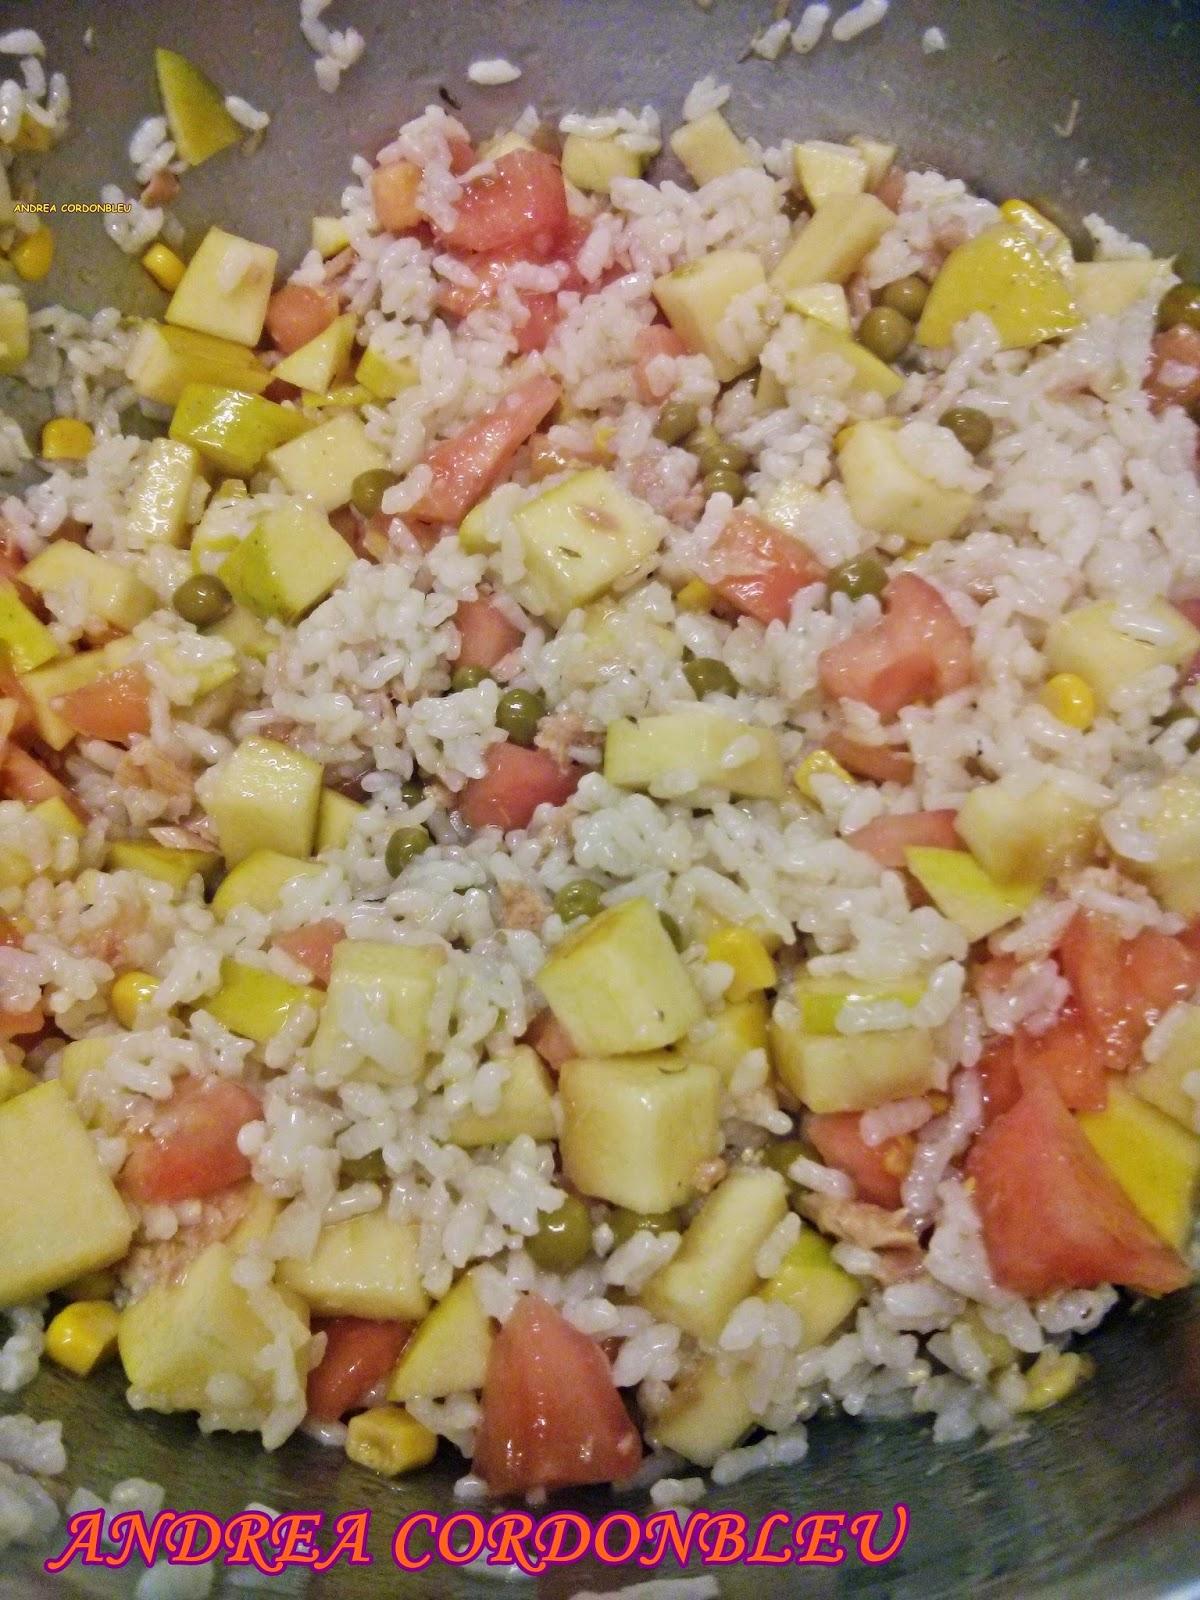 Cordonbleu ensalada veraniega de arroz con at n y manzana - Ensalada de arroz y atun ...